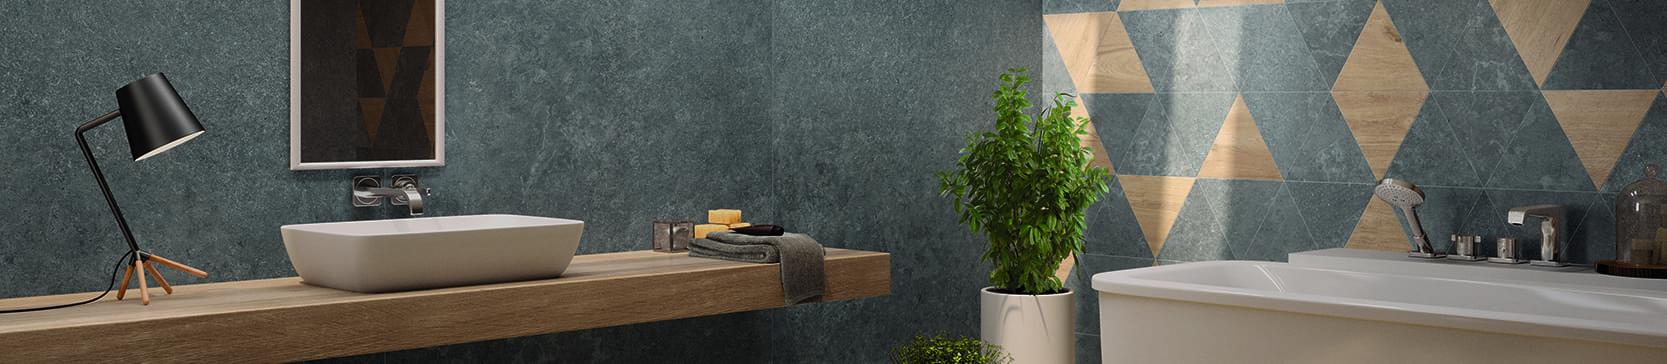 badkamer keramische tegels